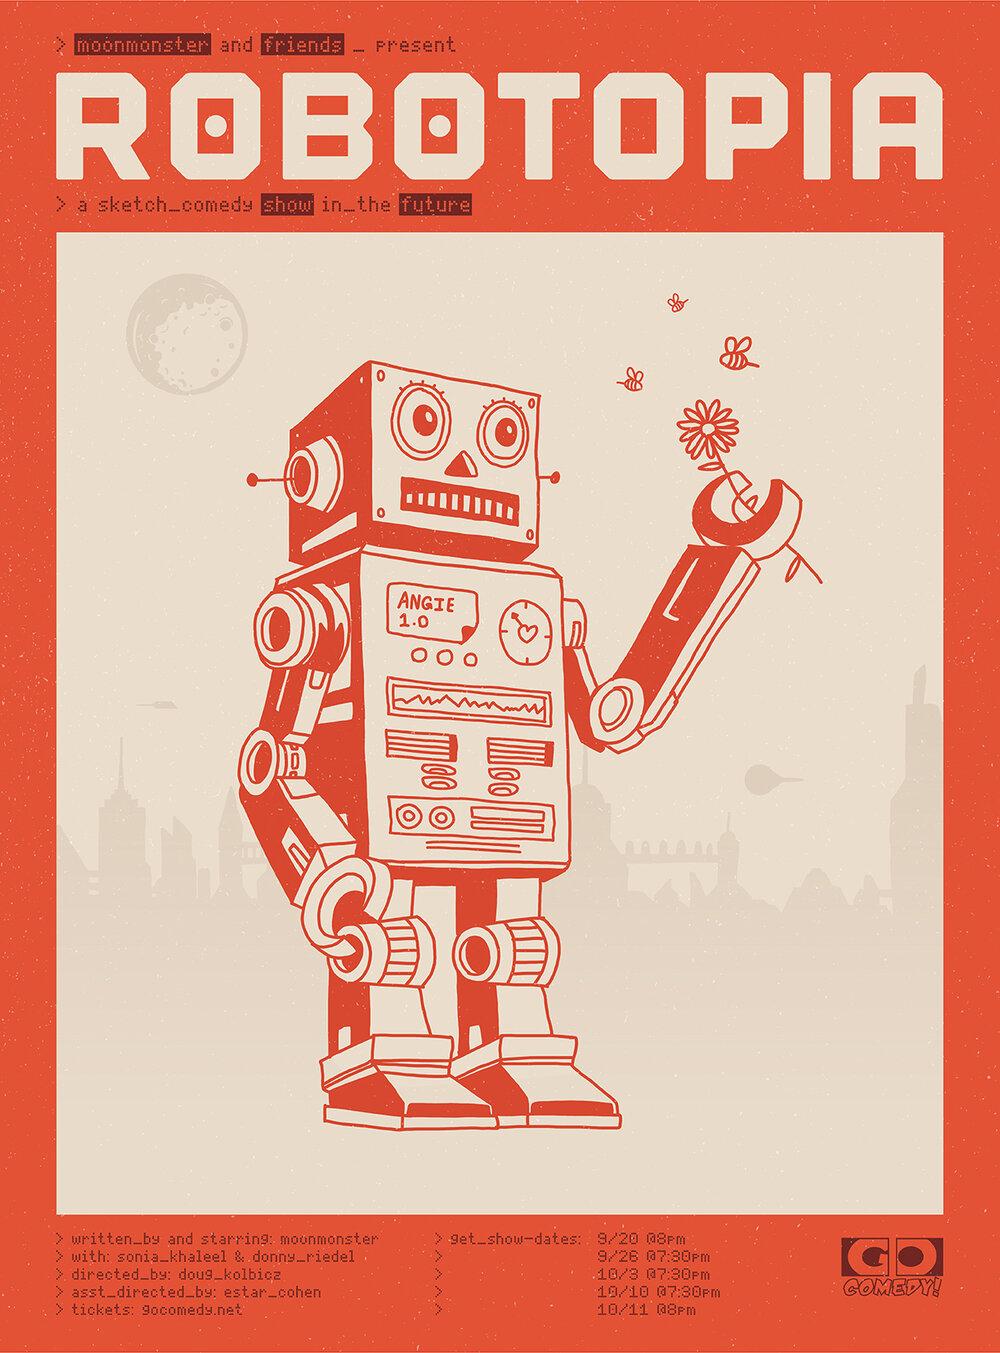 robotopia-poster_v3-01-web.jpg